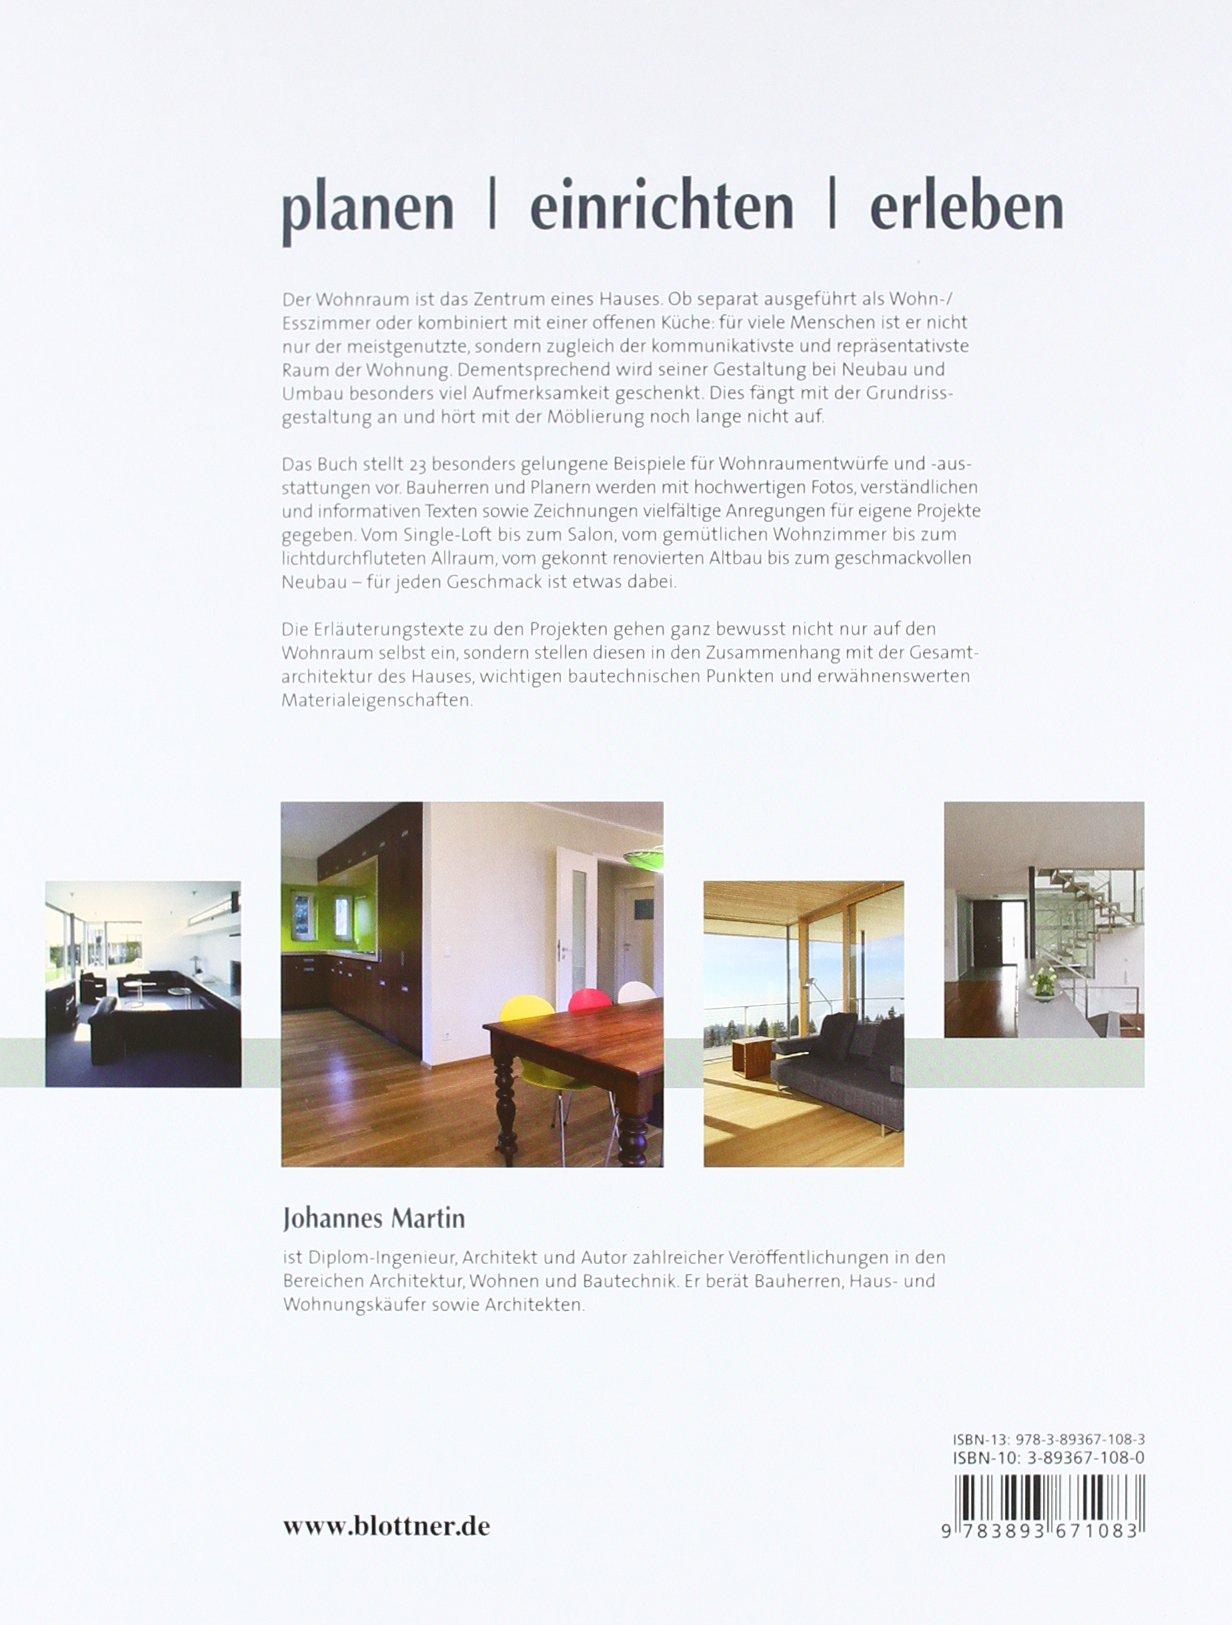 Wohnräume Planen, Einrichten, Erleben: Tipps Und Ideen. Materialien Und  Beispiele: Amazon.de: Johannes Martin: Bücher